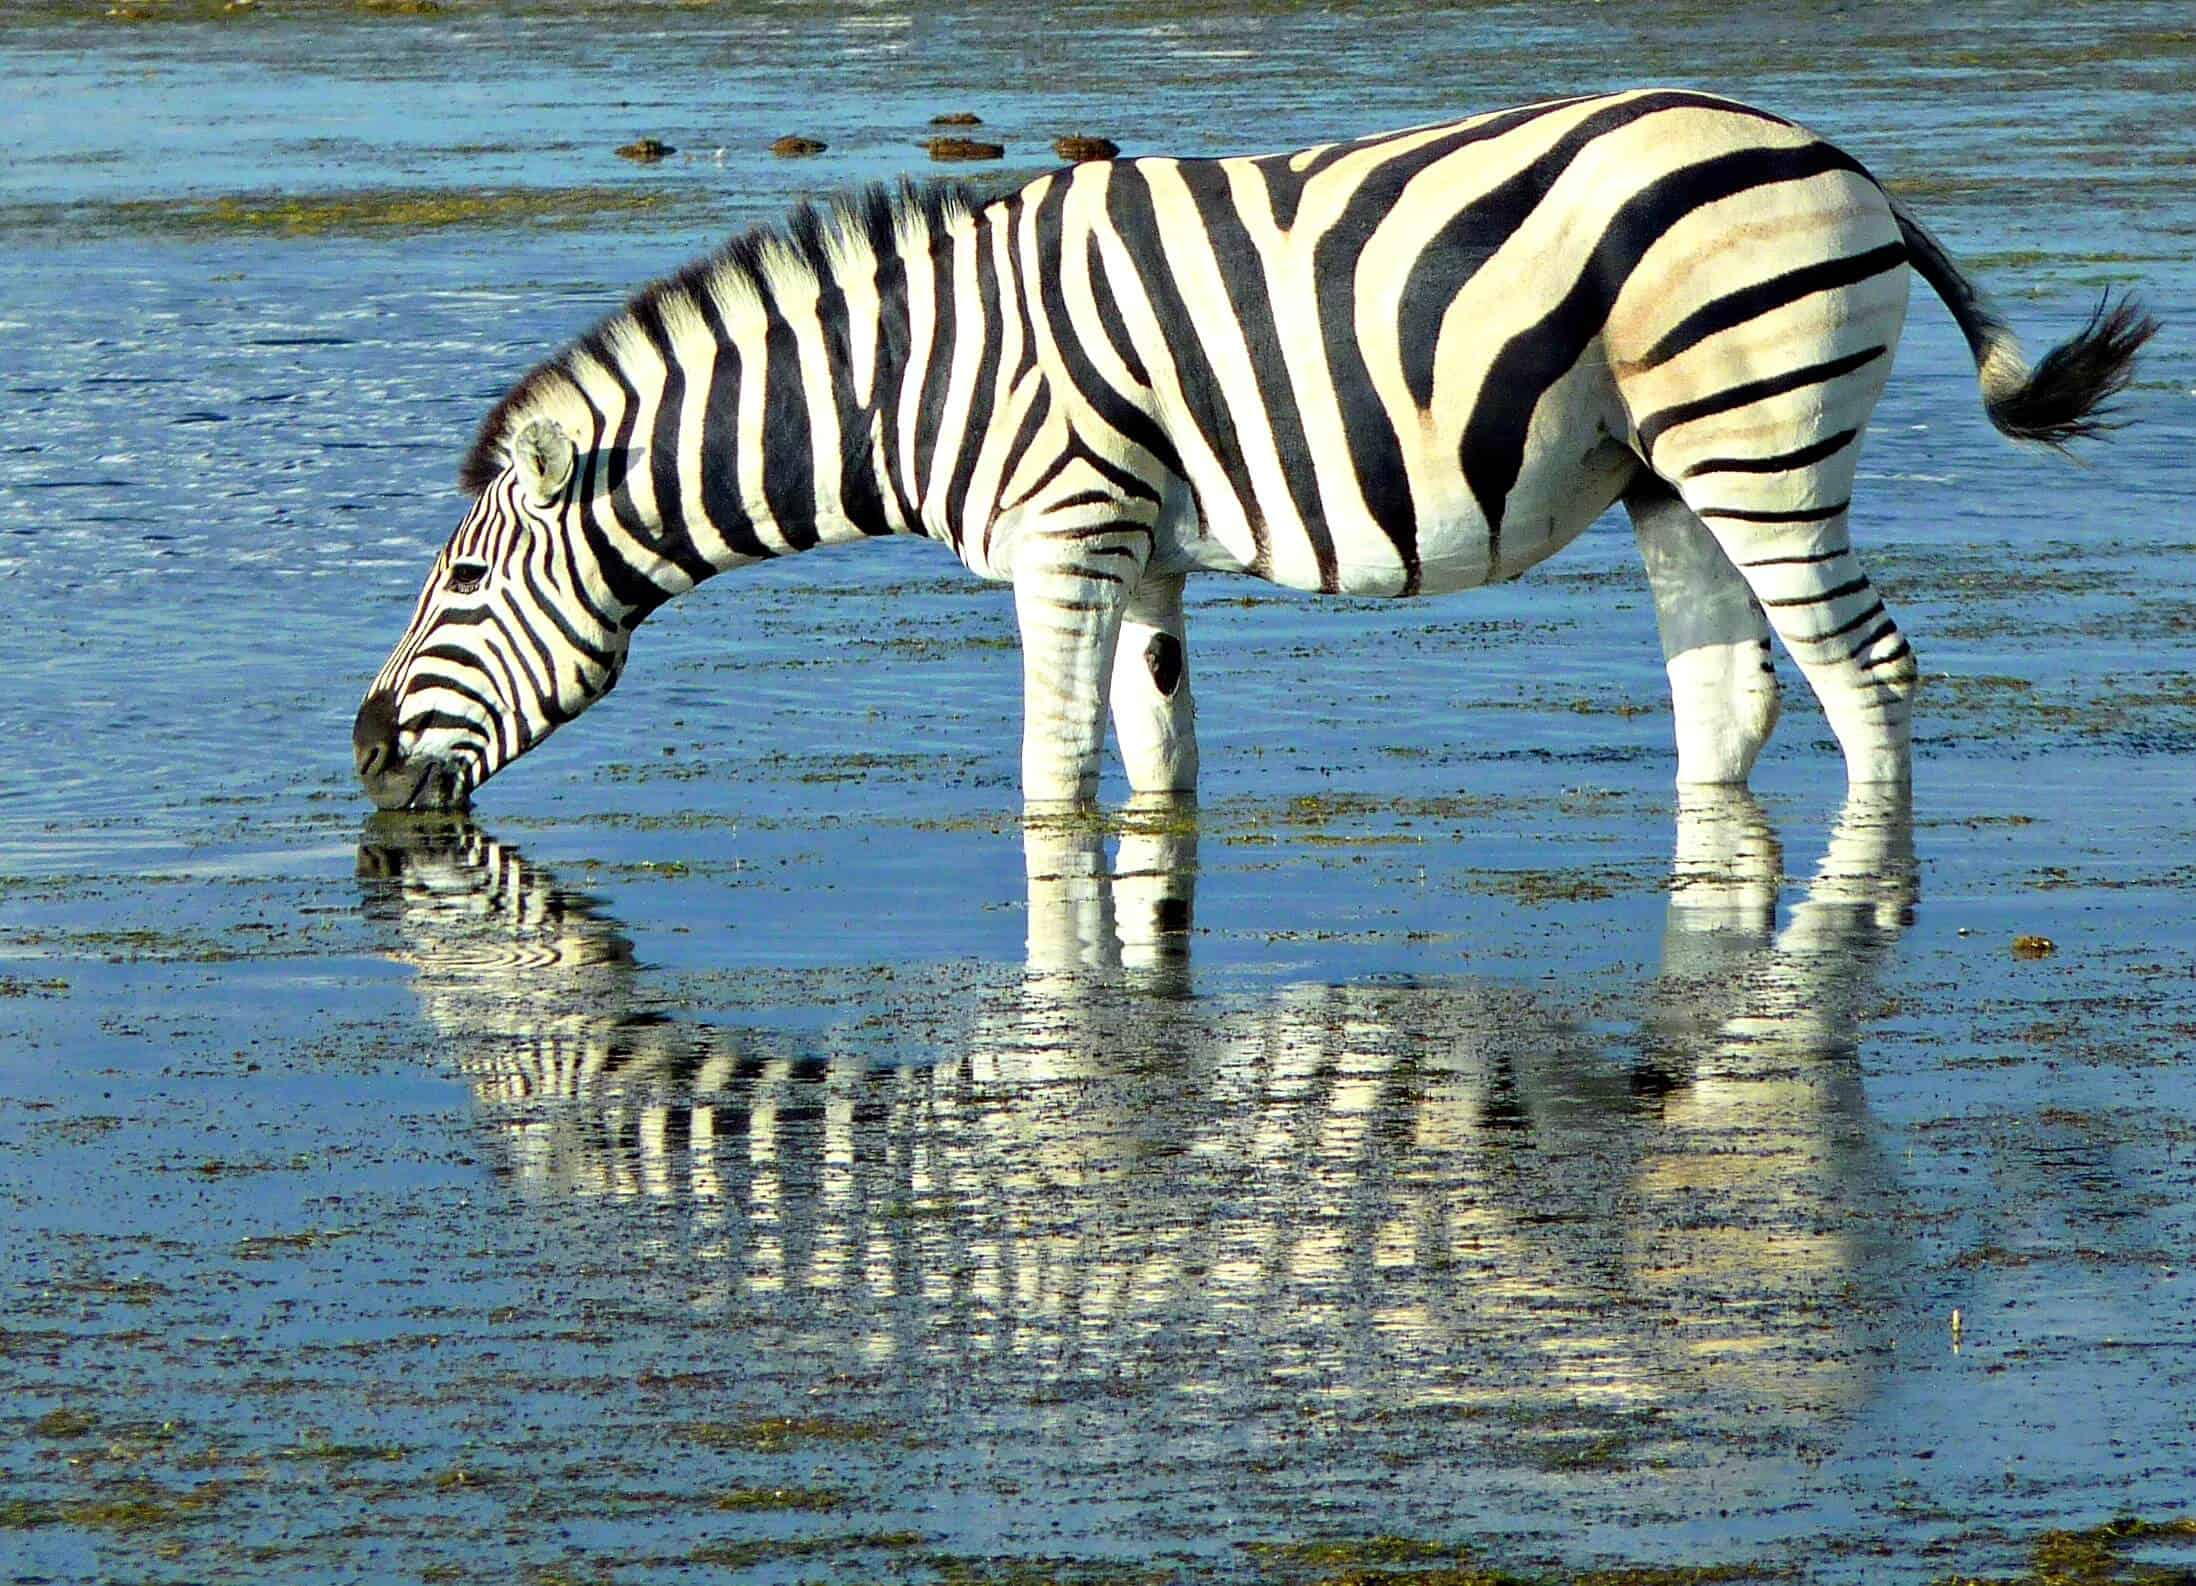 Zebra Reflection, Namibia